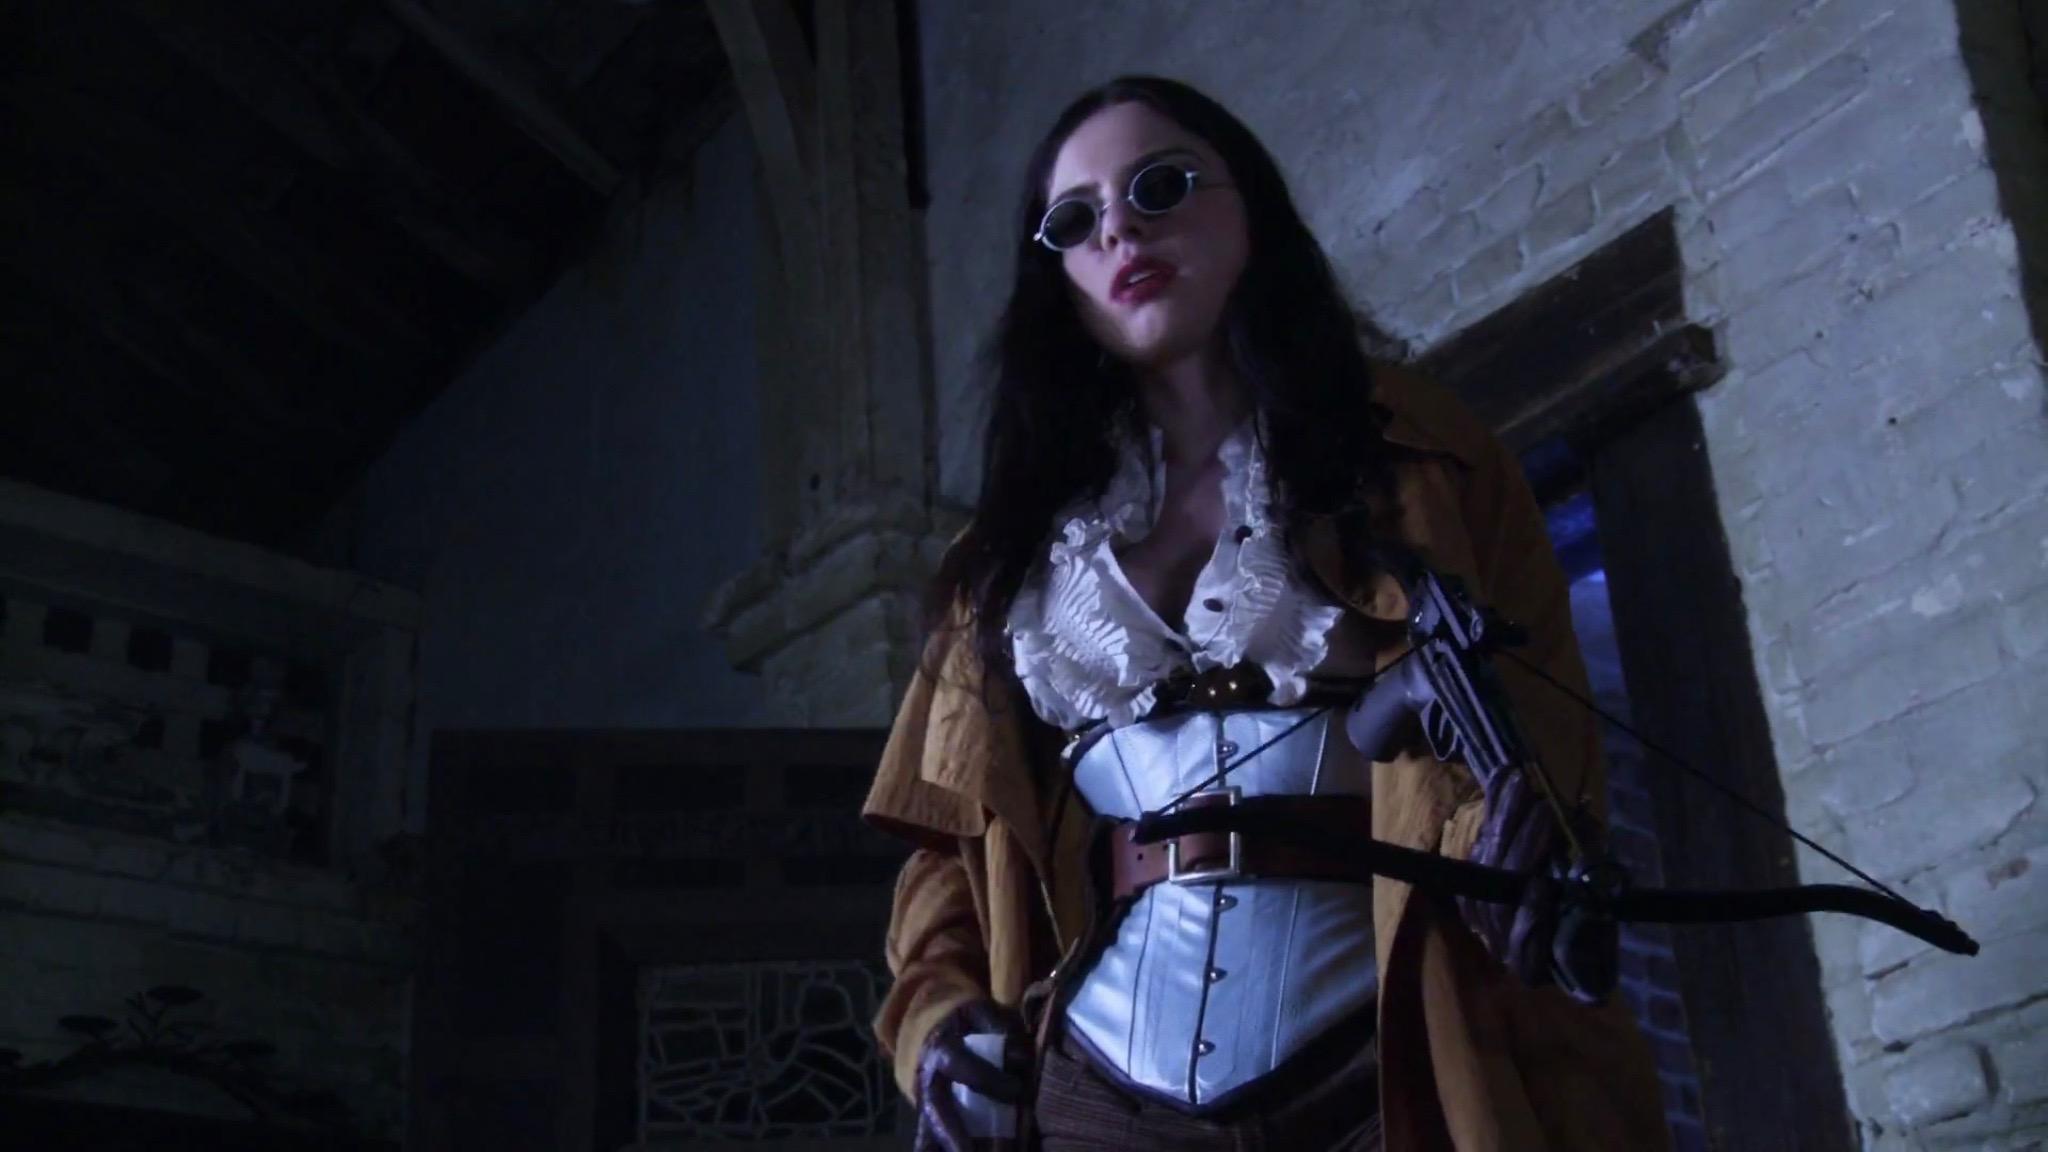 Erotic vampires of beverley hills